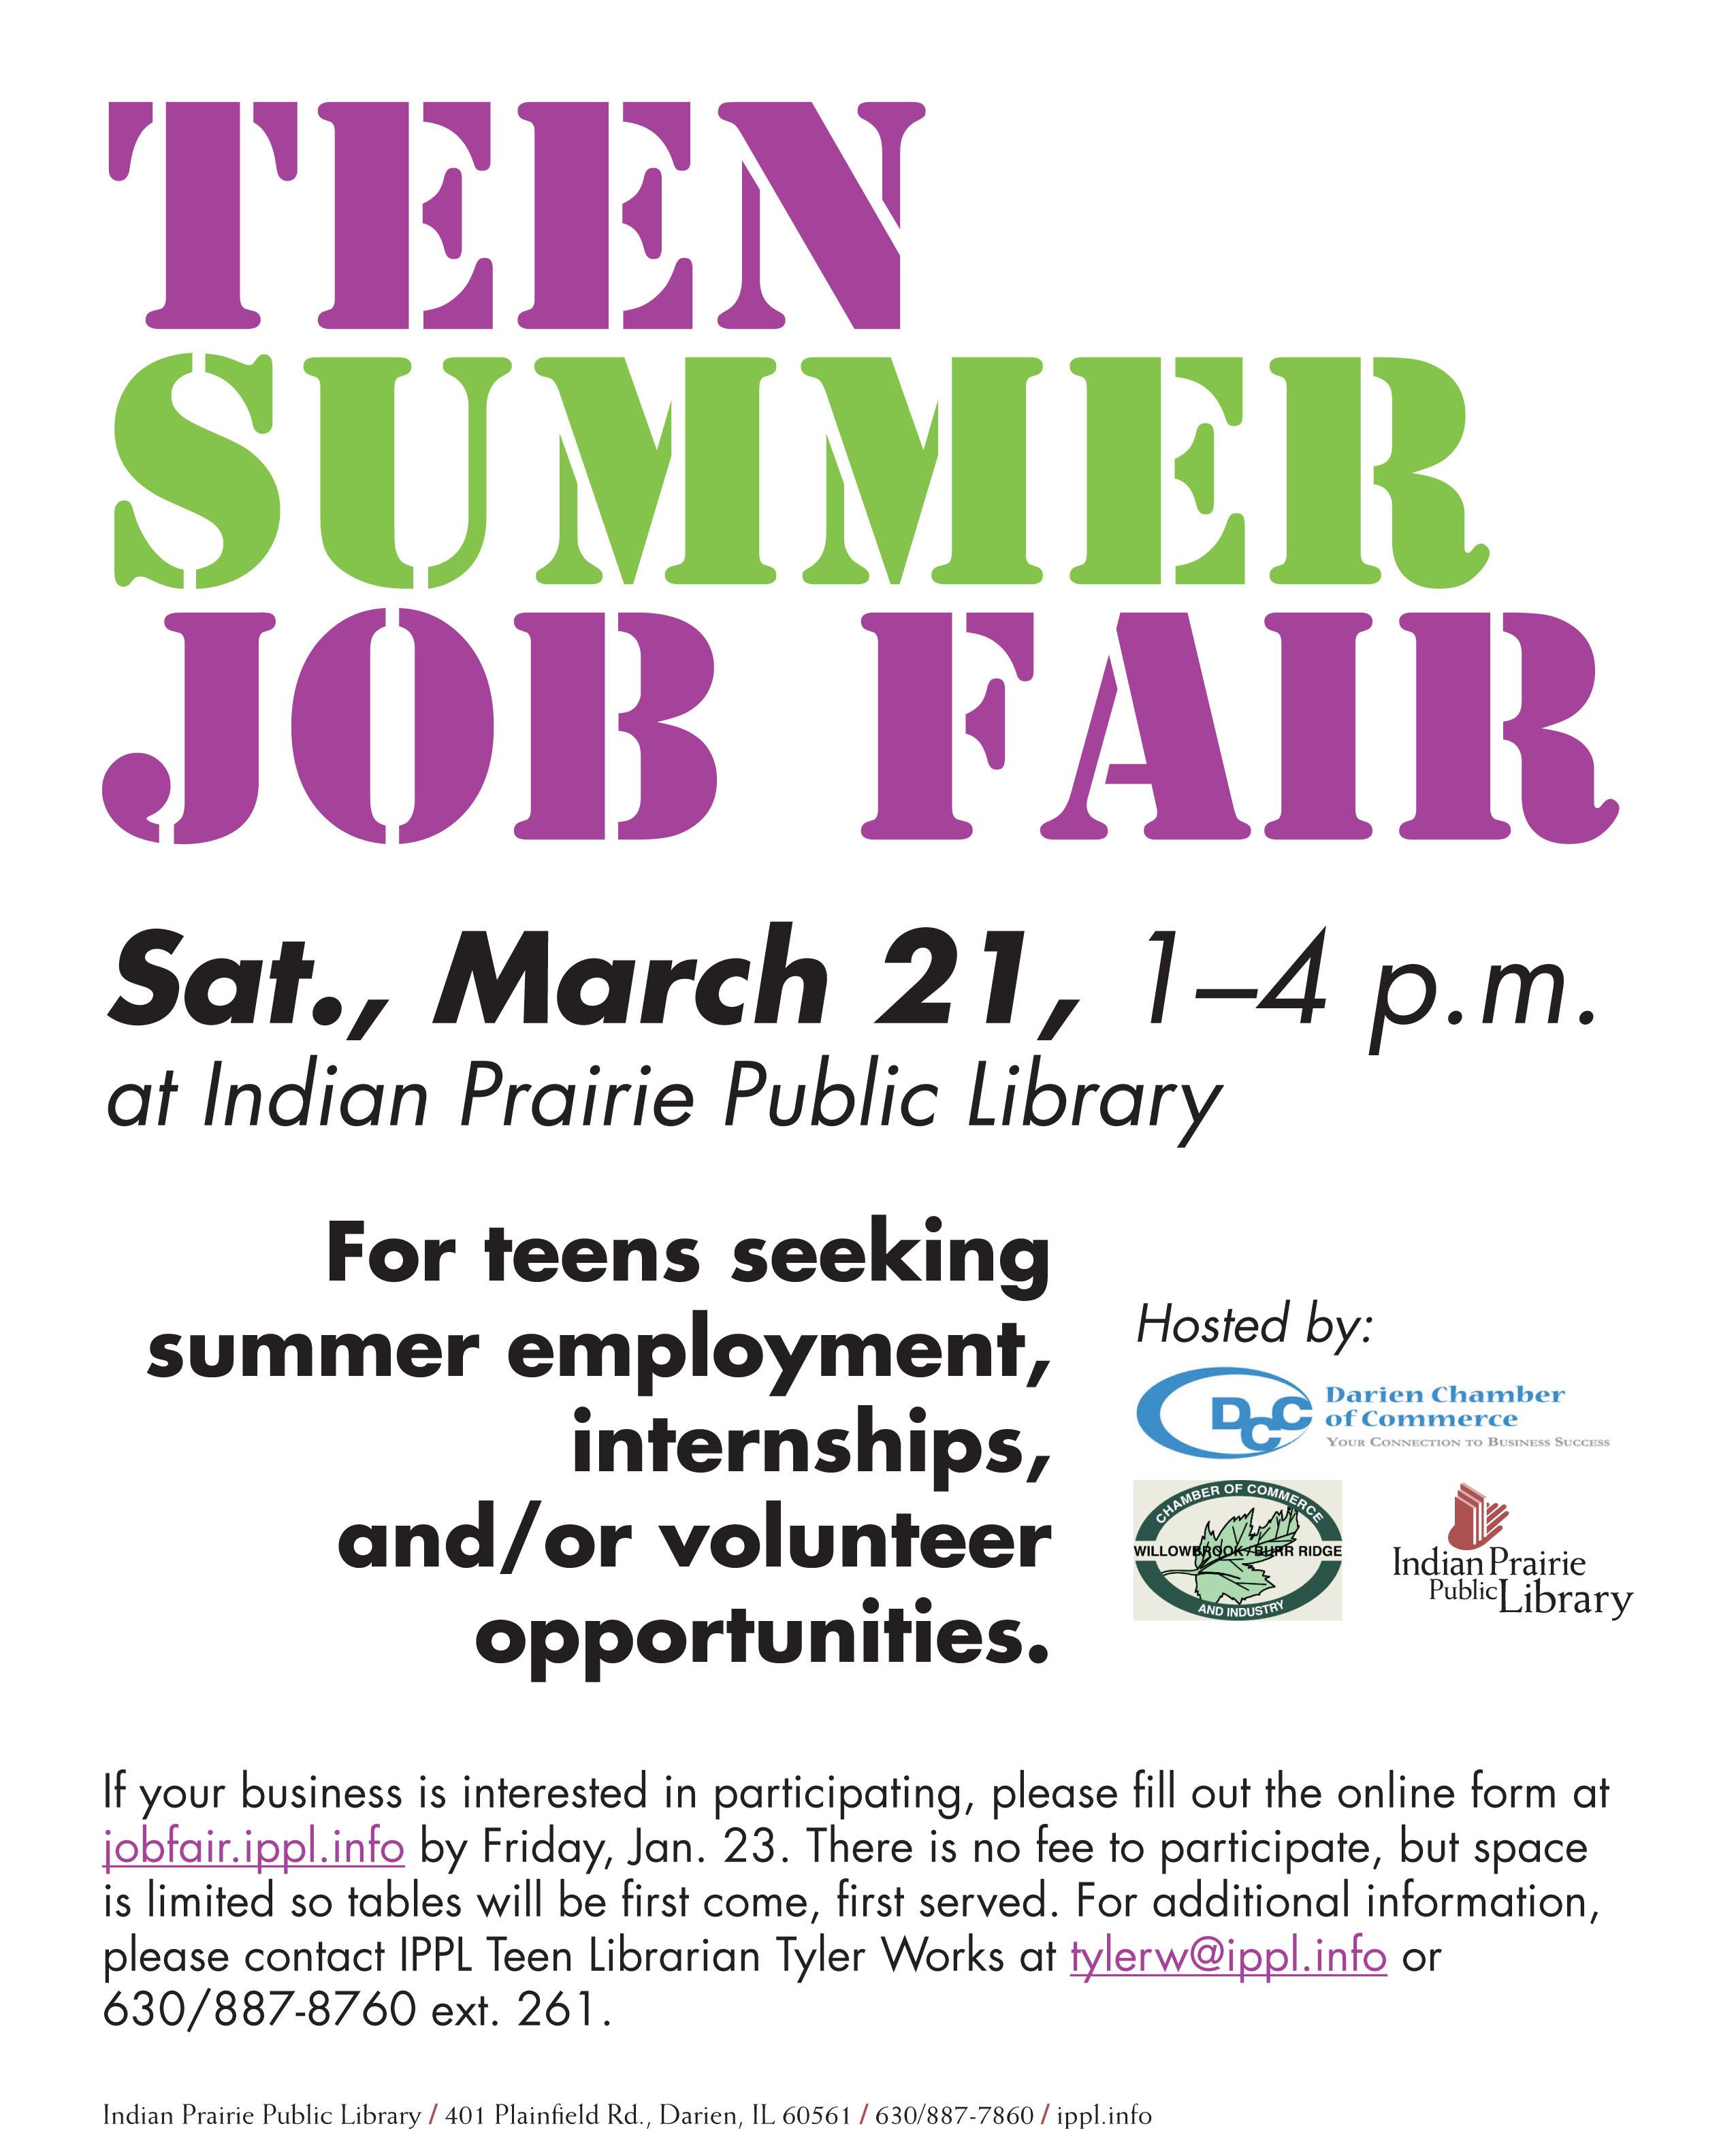 Teen summer job opportunities